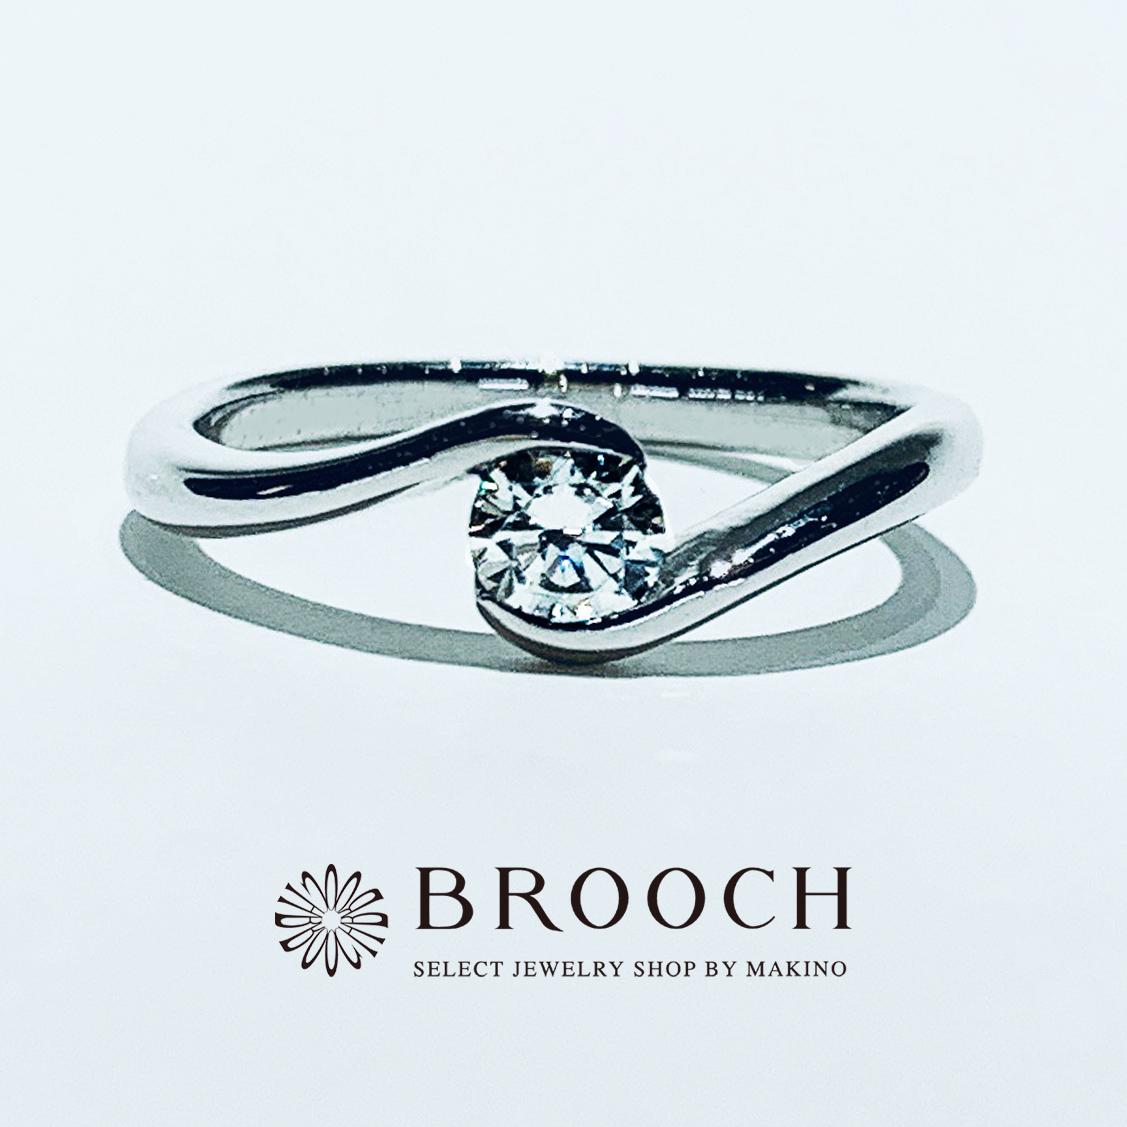 BROOCH 婚約指輪 エンゲージリング かわいい シンプル1石ウェーブデザイン